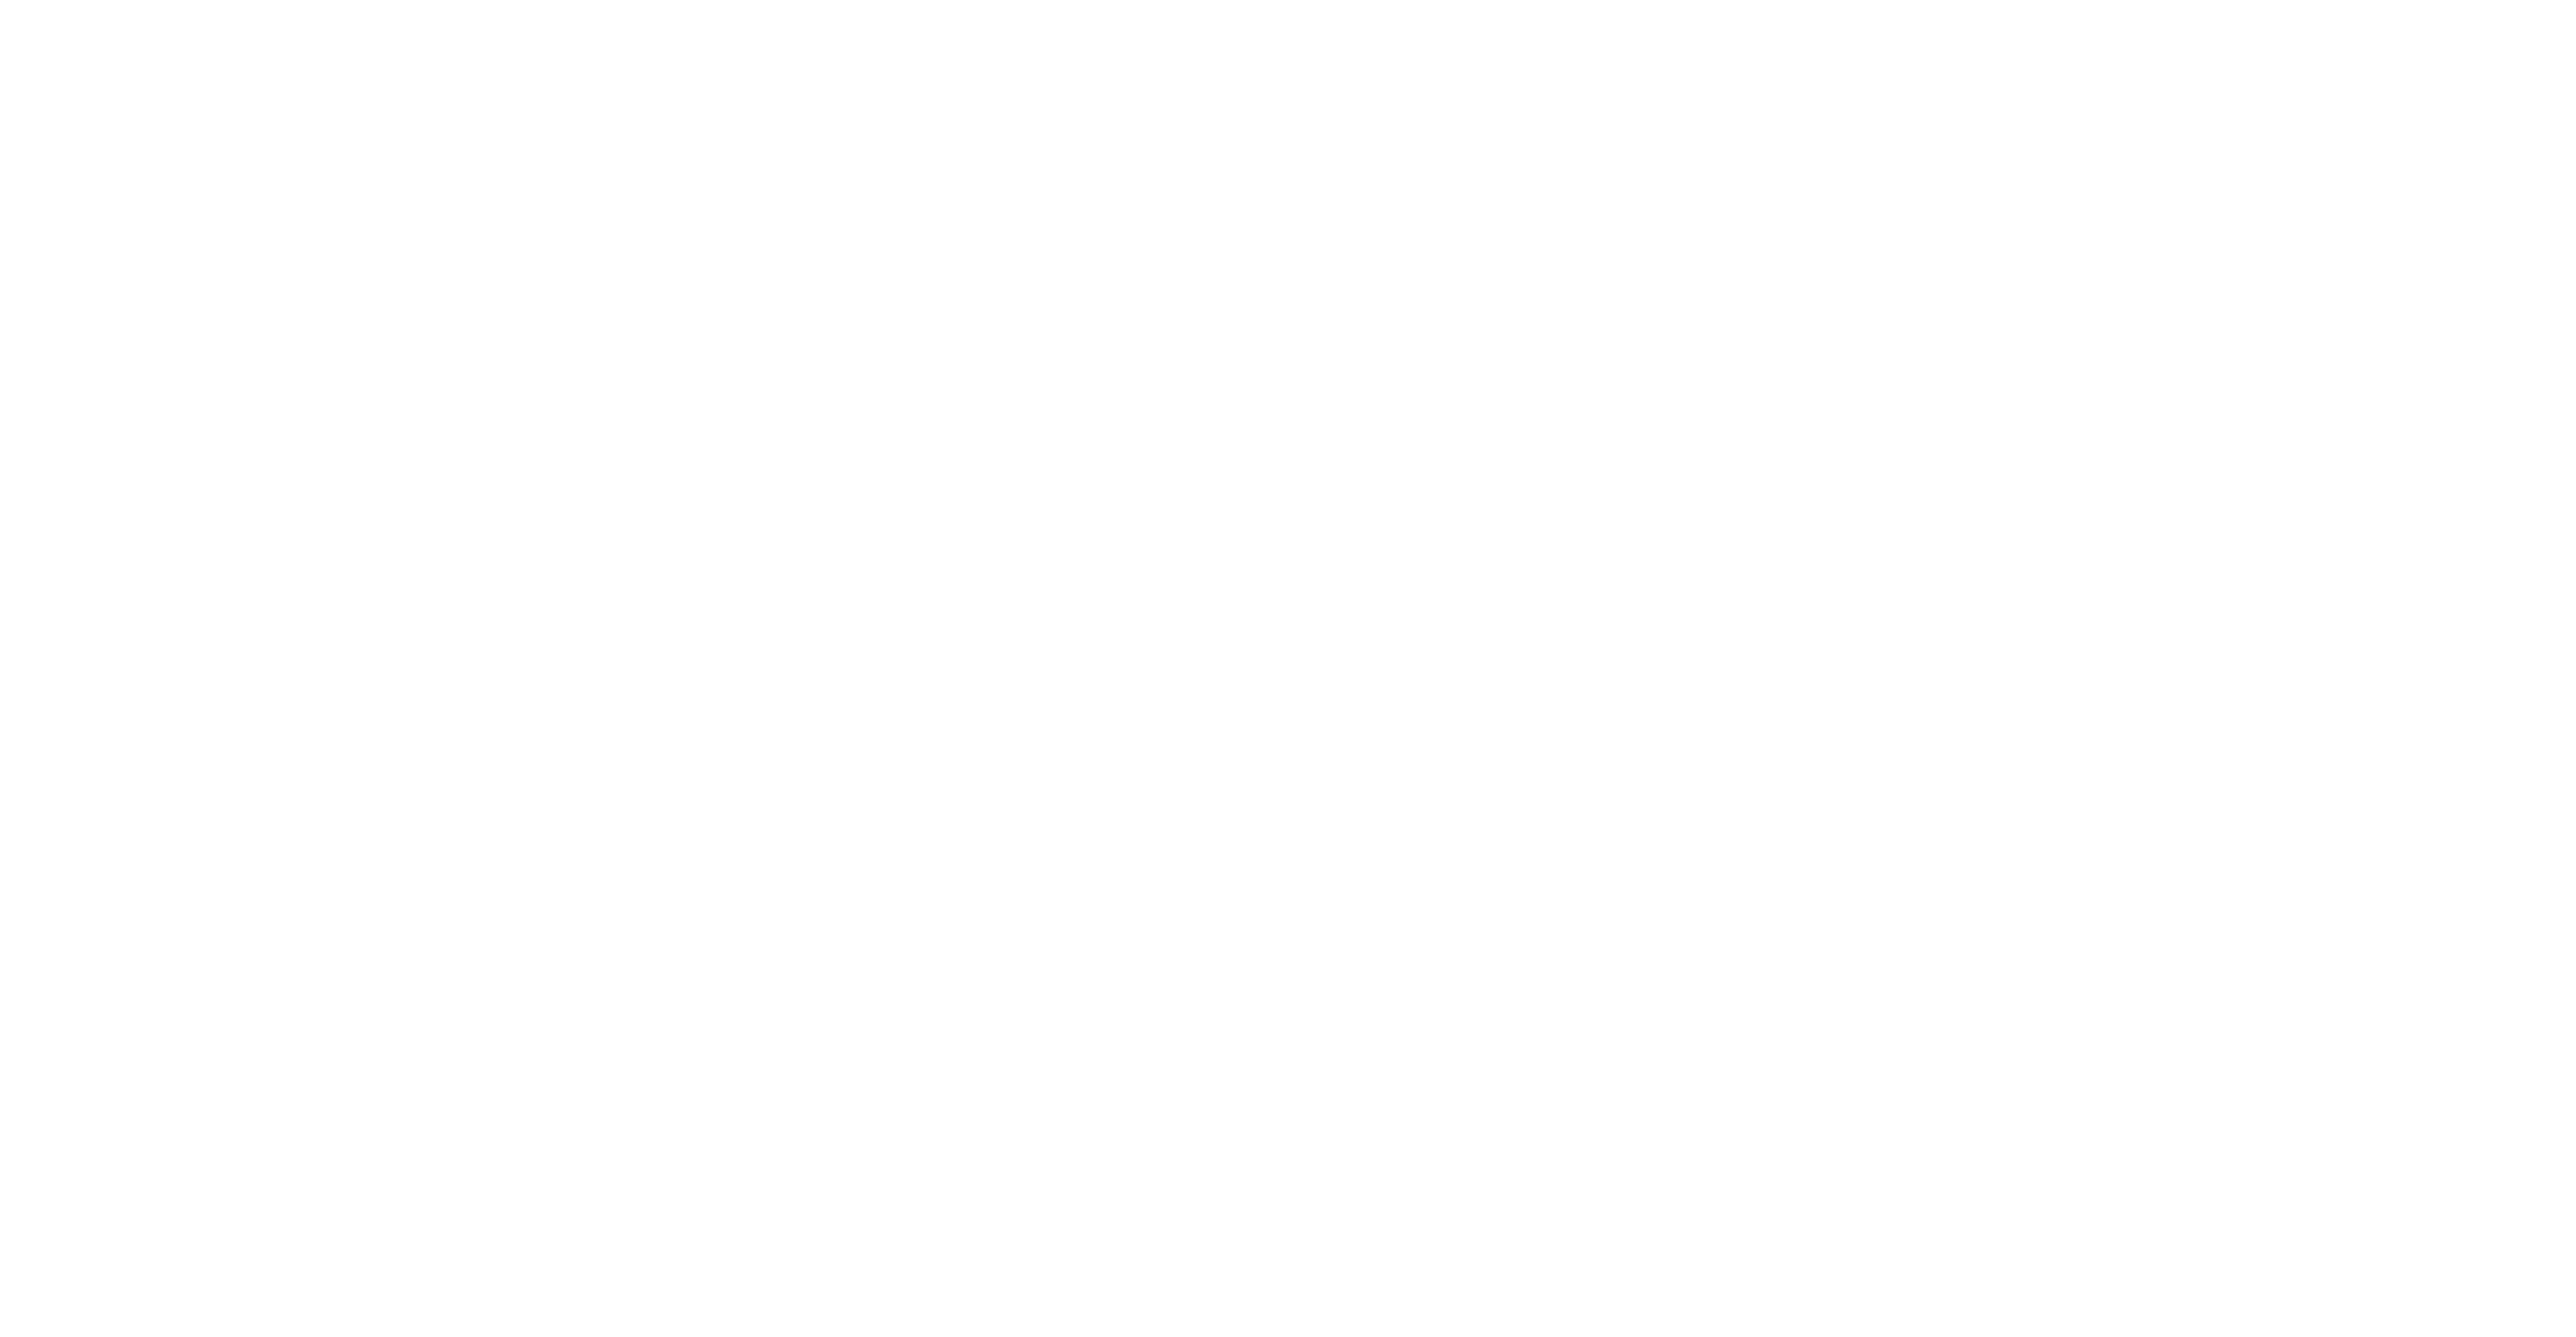 TouringRouteIcons-White-01